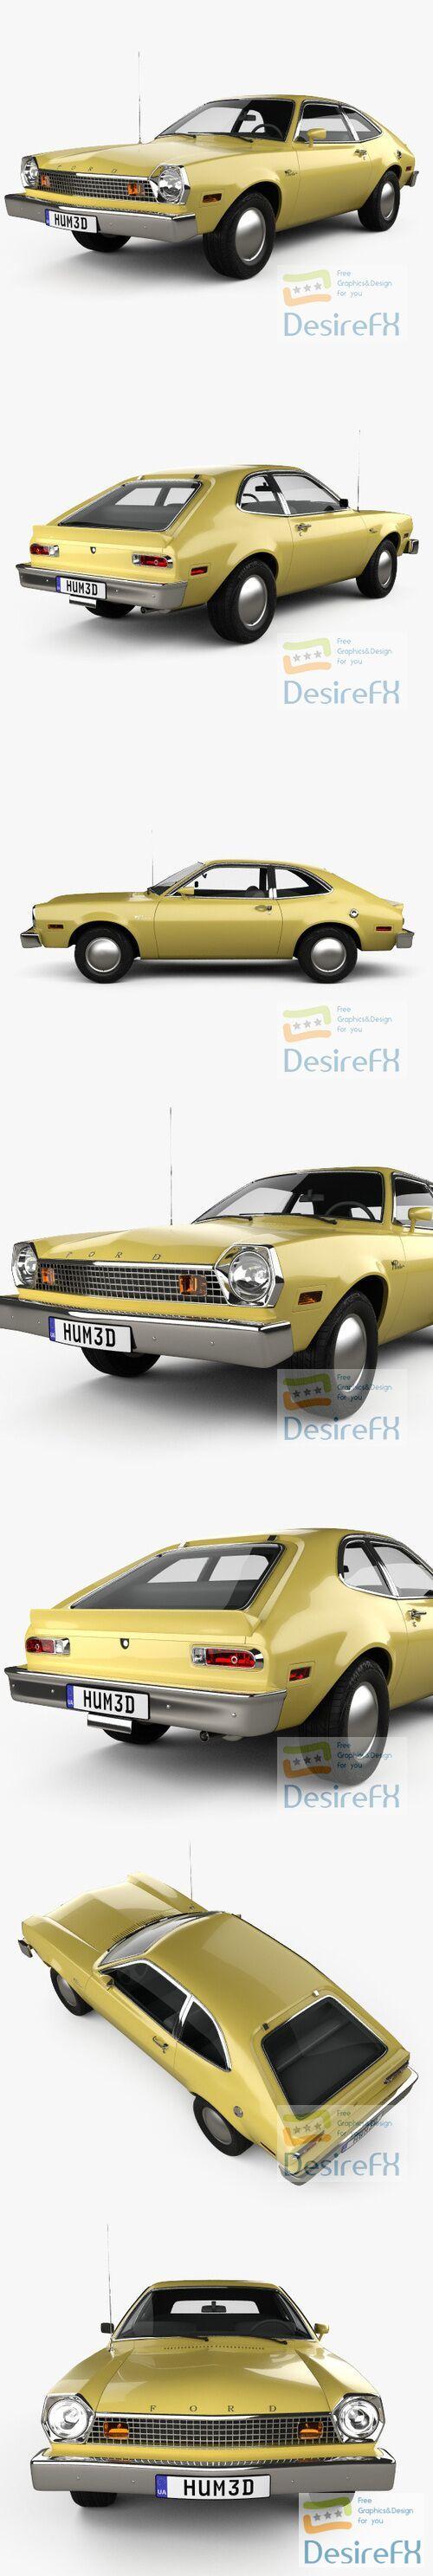 Ford Pinto hatchback 1976 3D Model